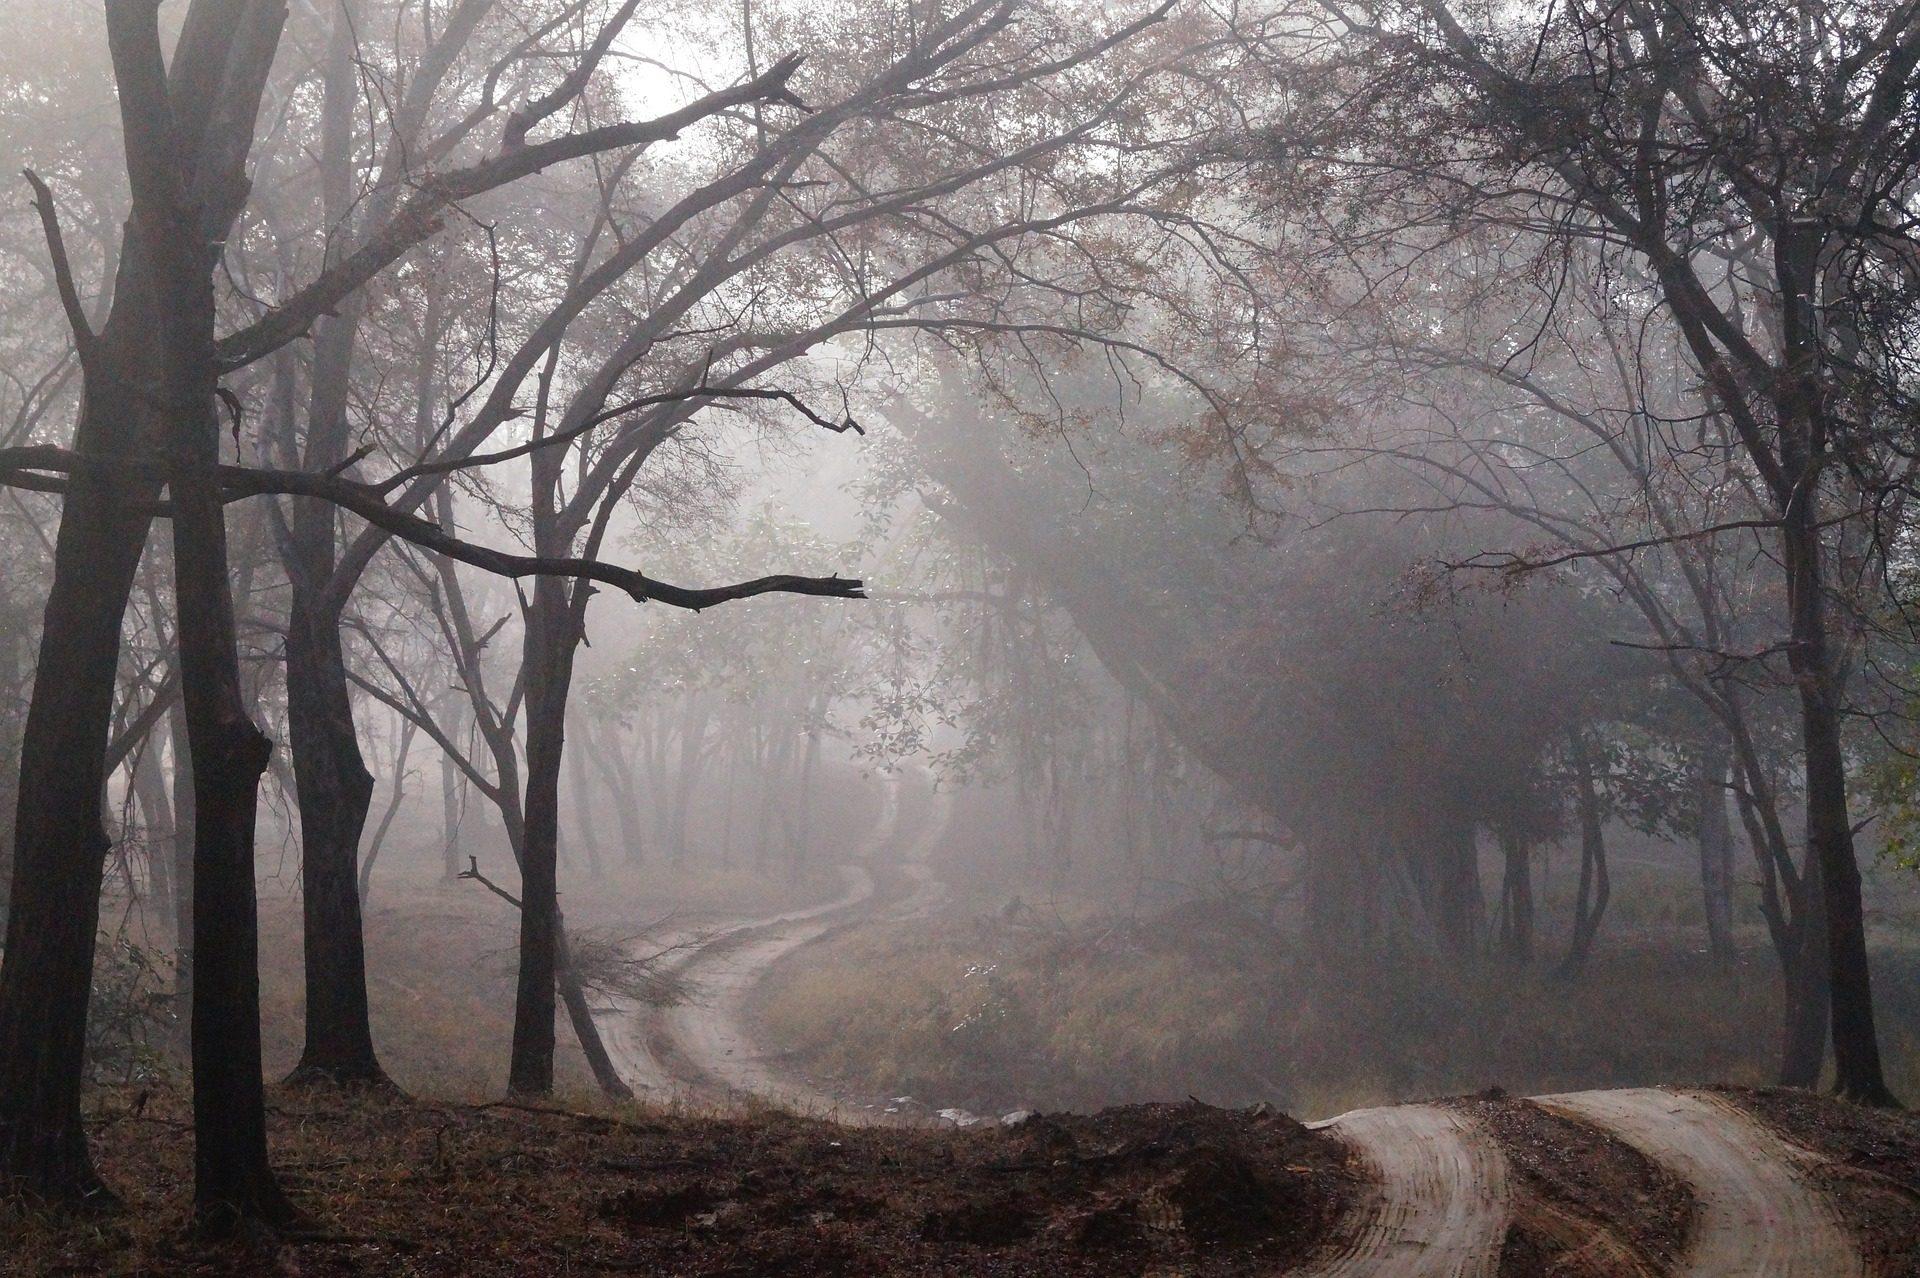 道路, 森林, 悲观, 雾, 树木, 黑暗 - 高清壁纸 - 教授-falken.com